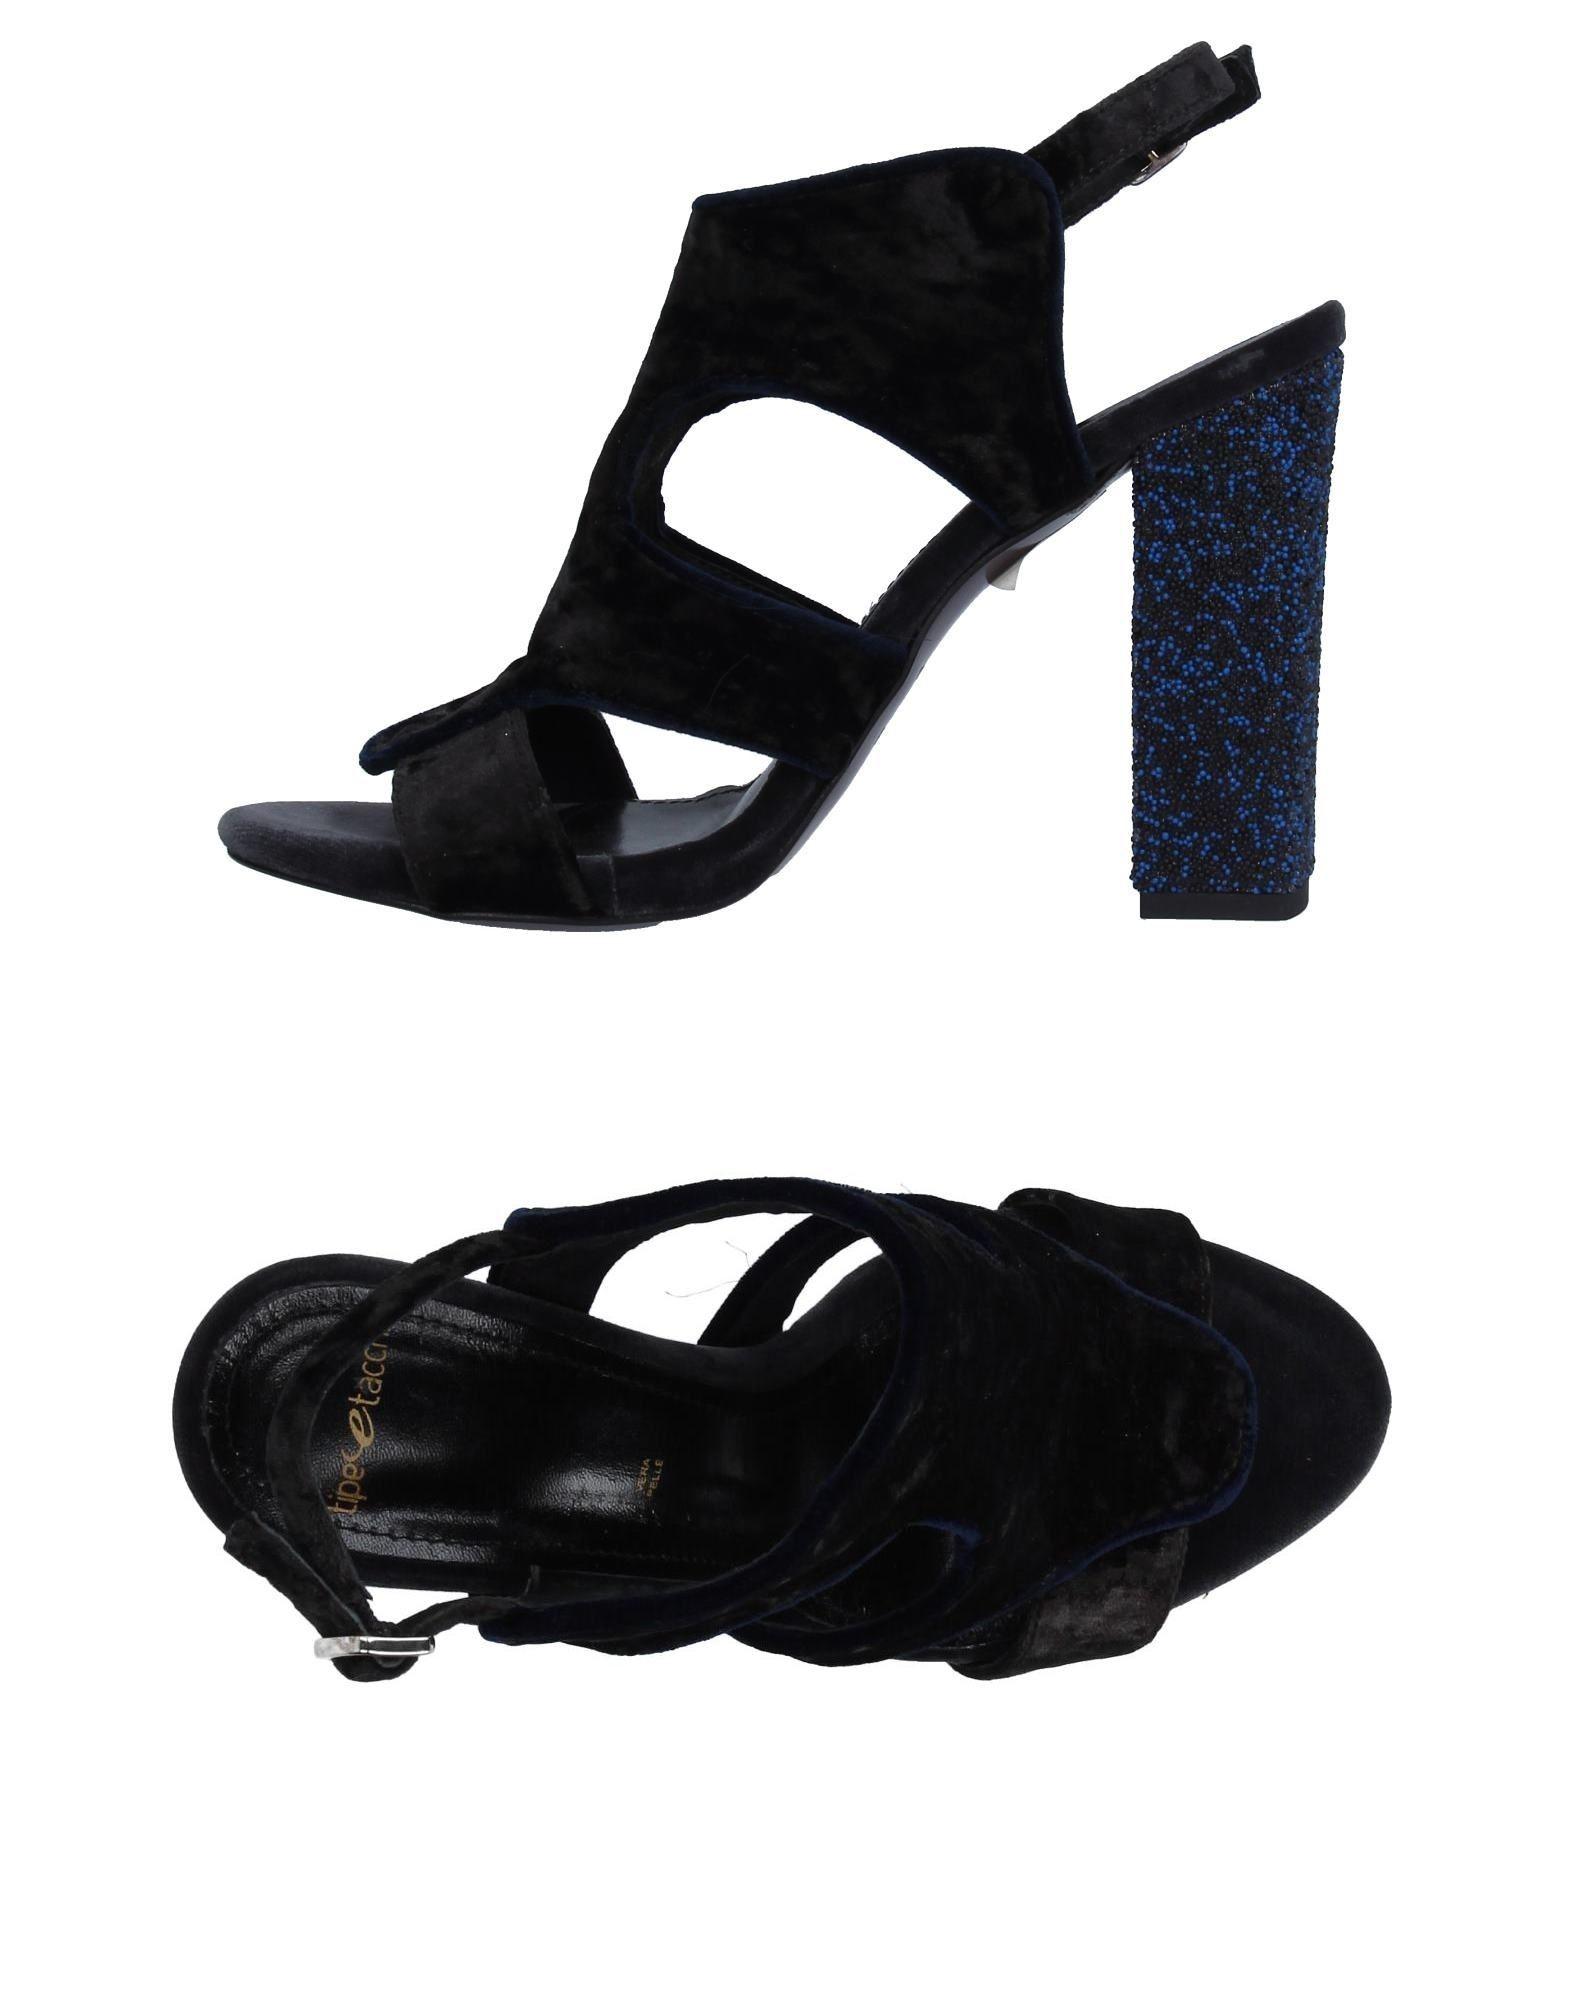 Tipe E Tacchi Sandalen Damen Schuhe  11250497FA Neue Schuhe Damen dfca4f